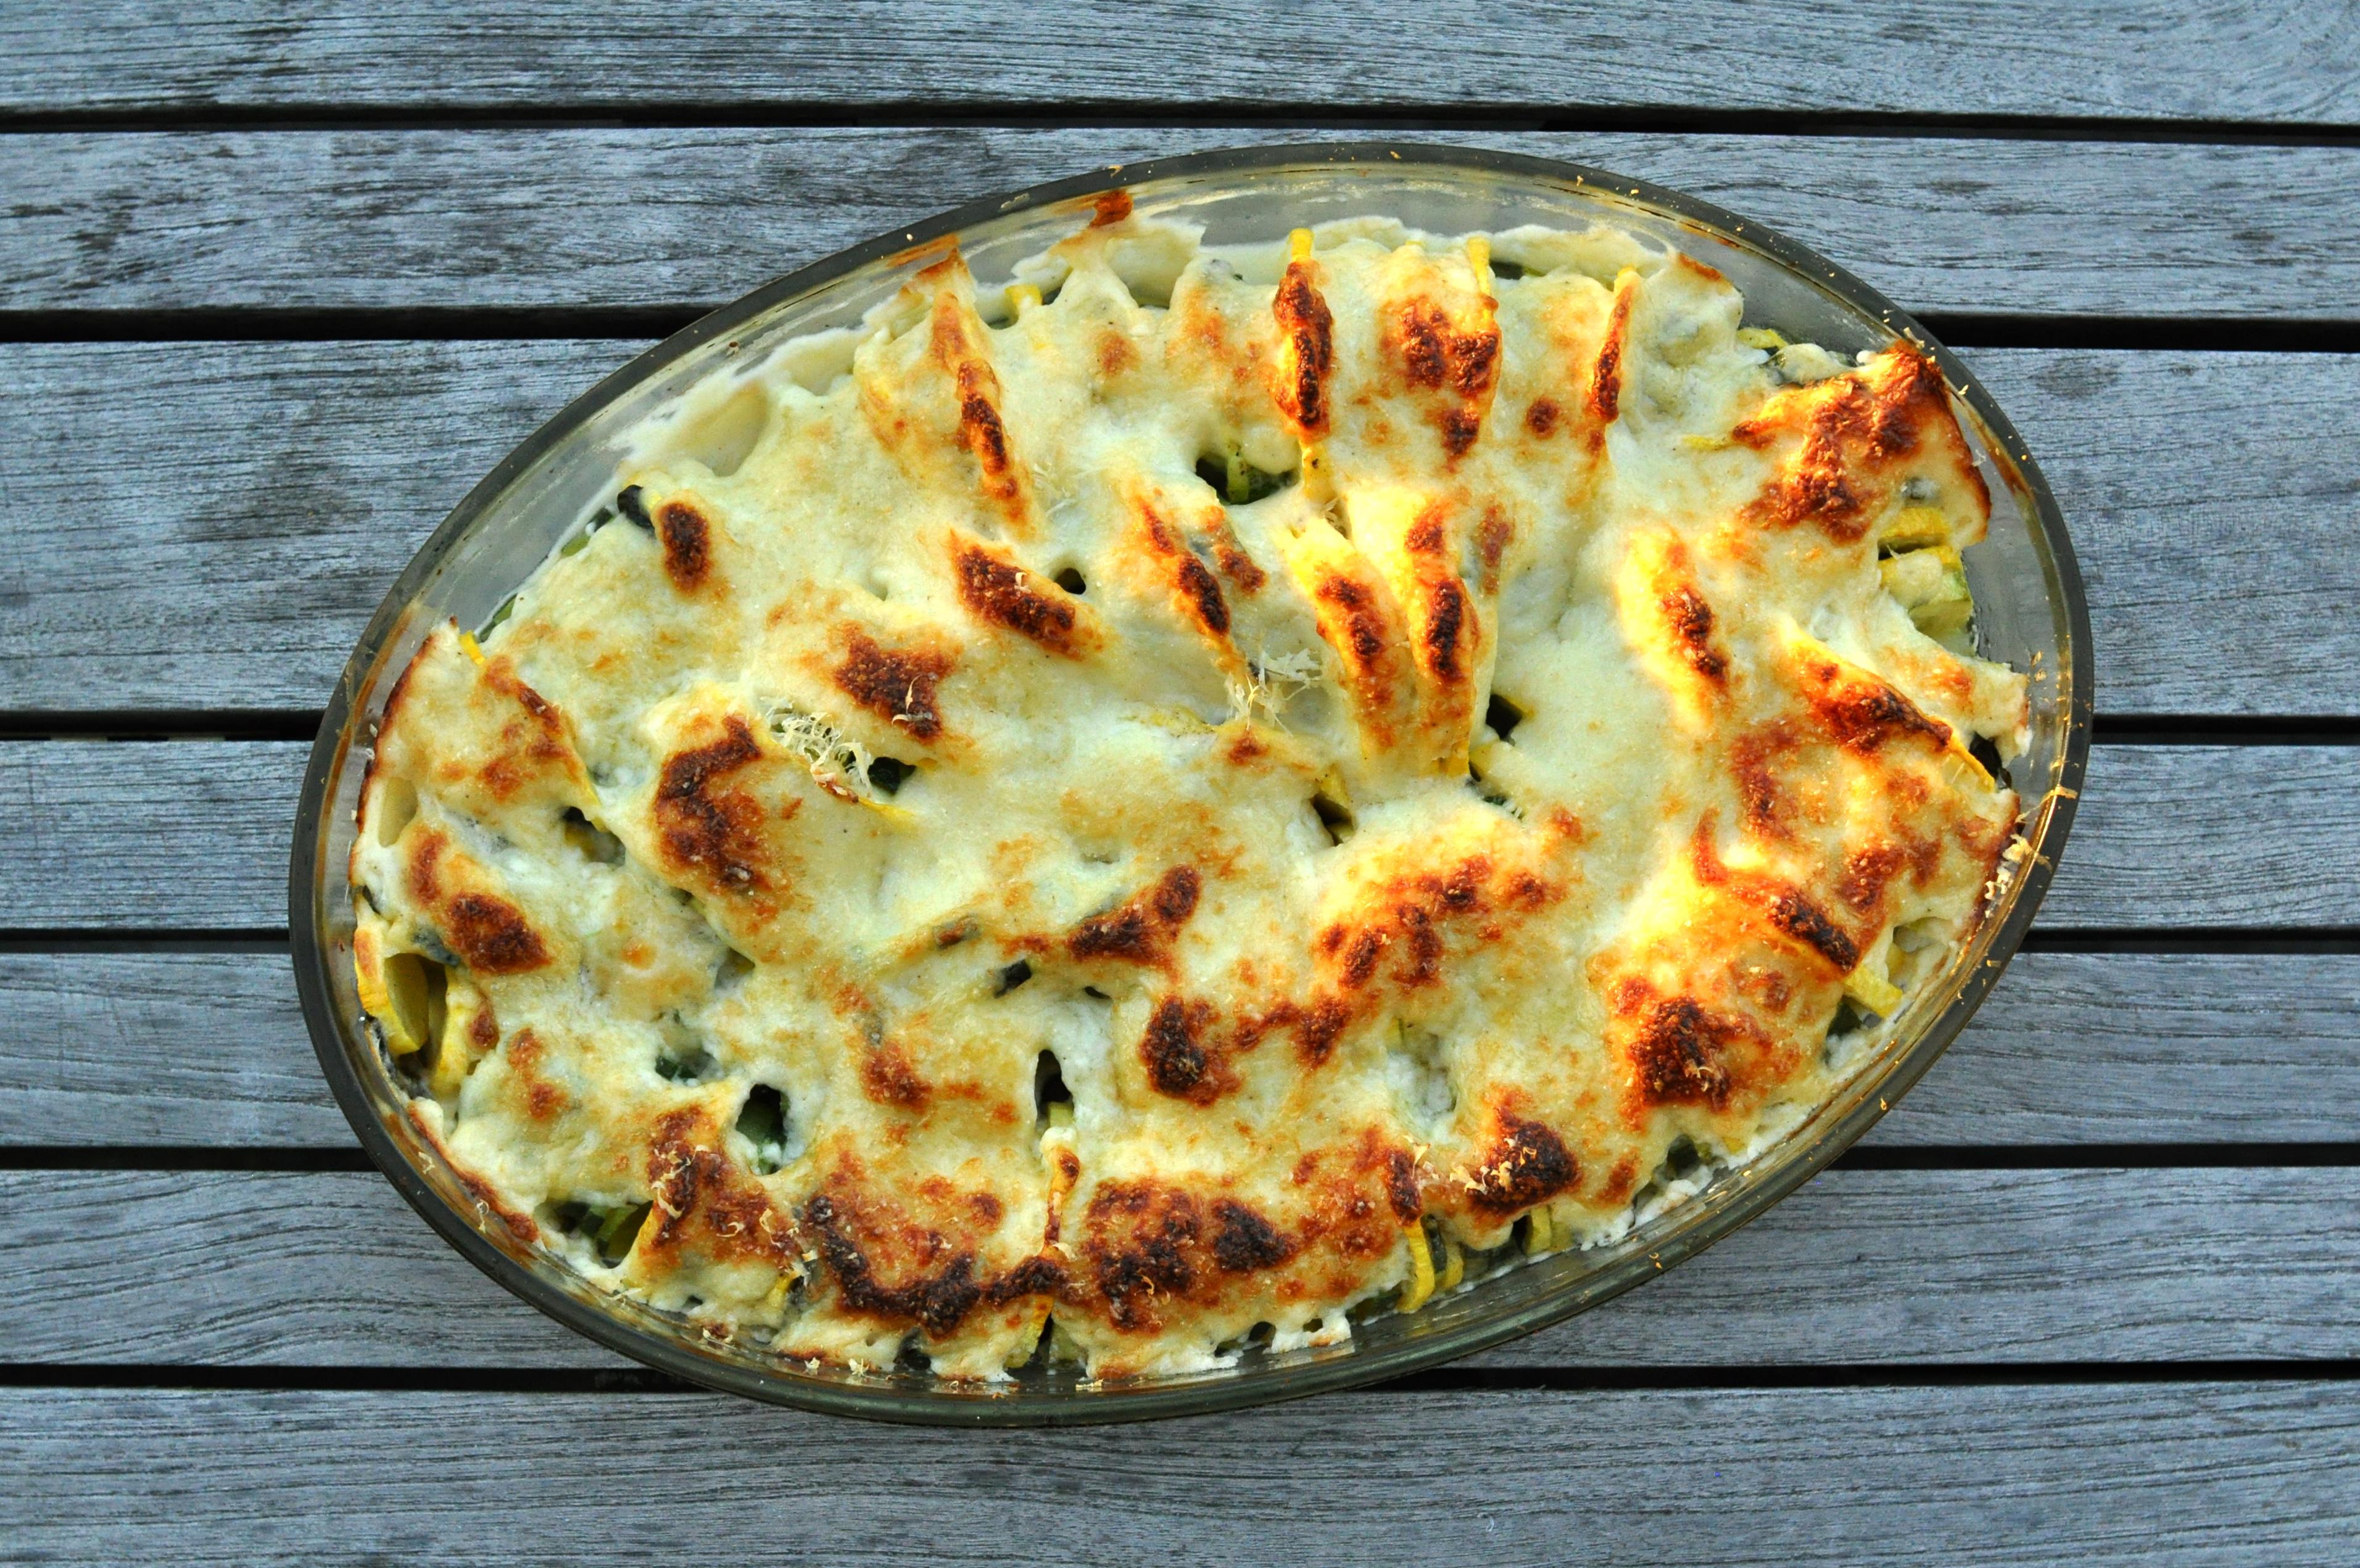 ... gratin broccoli gratin potatoes au gratin onion gratin zucchini gratin